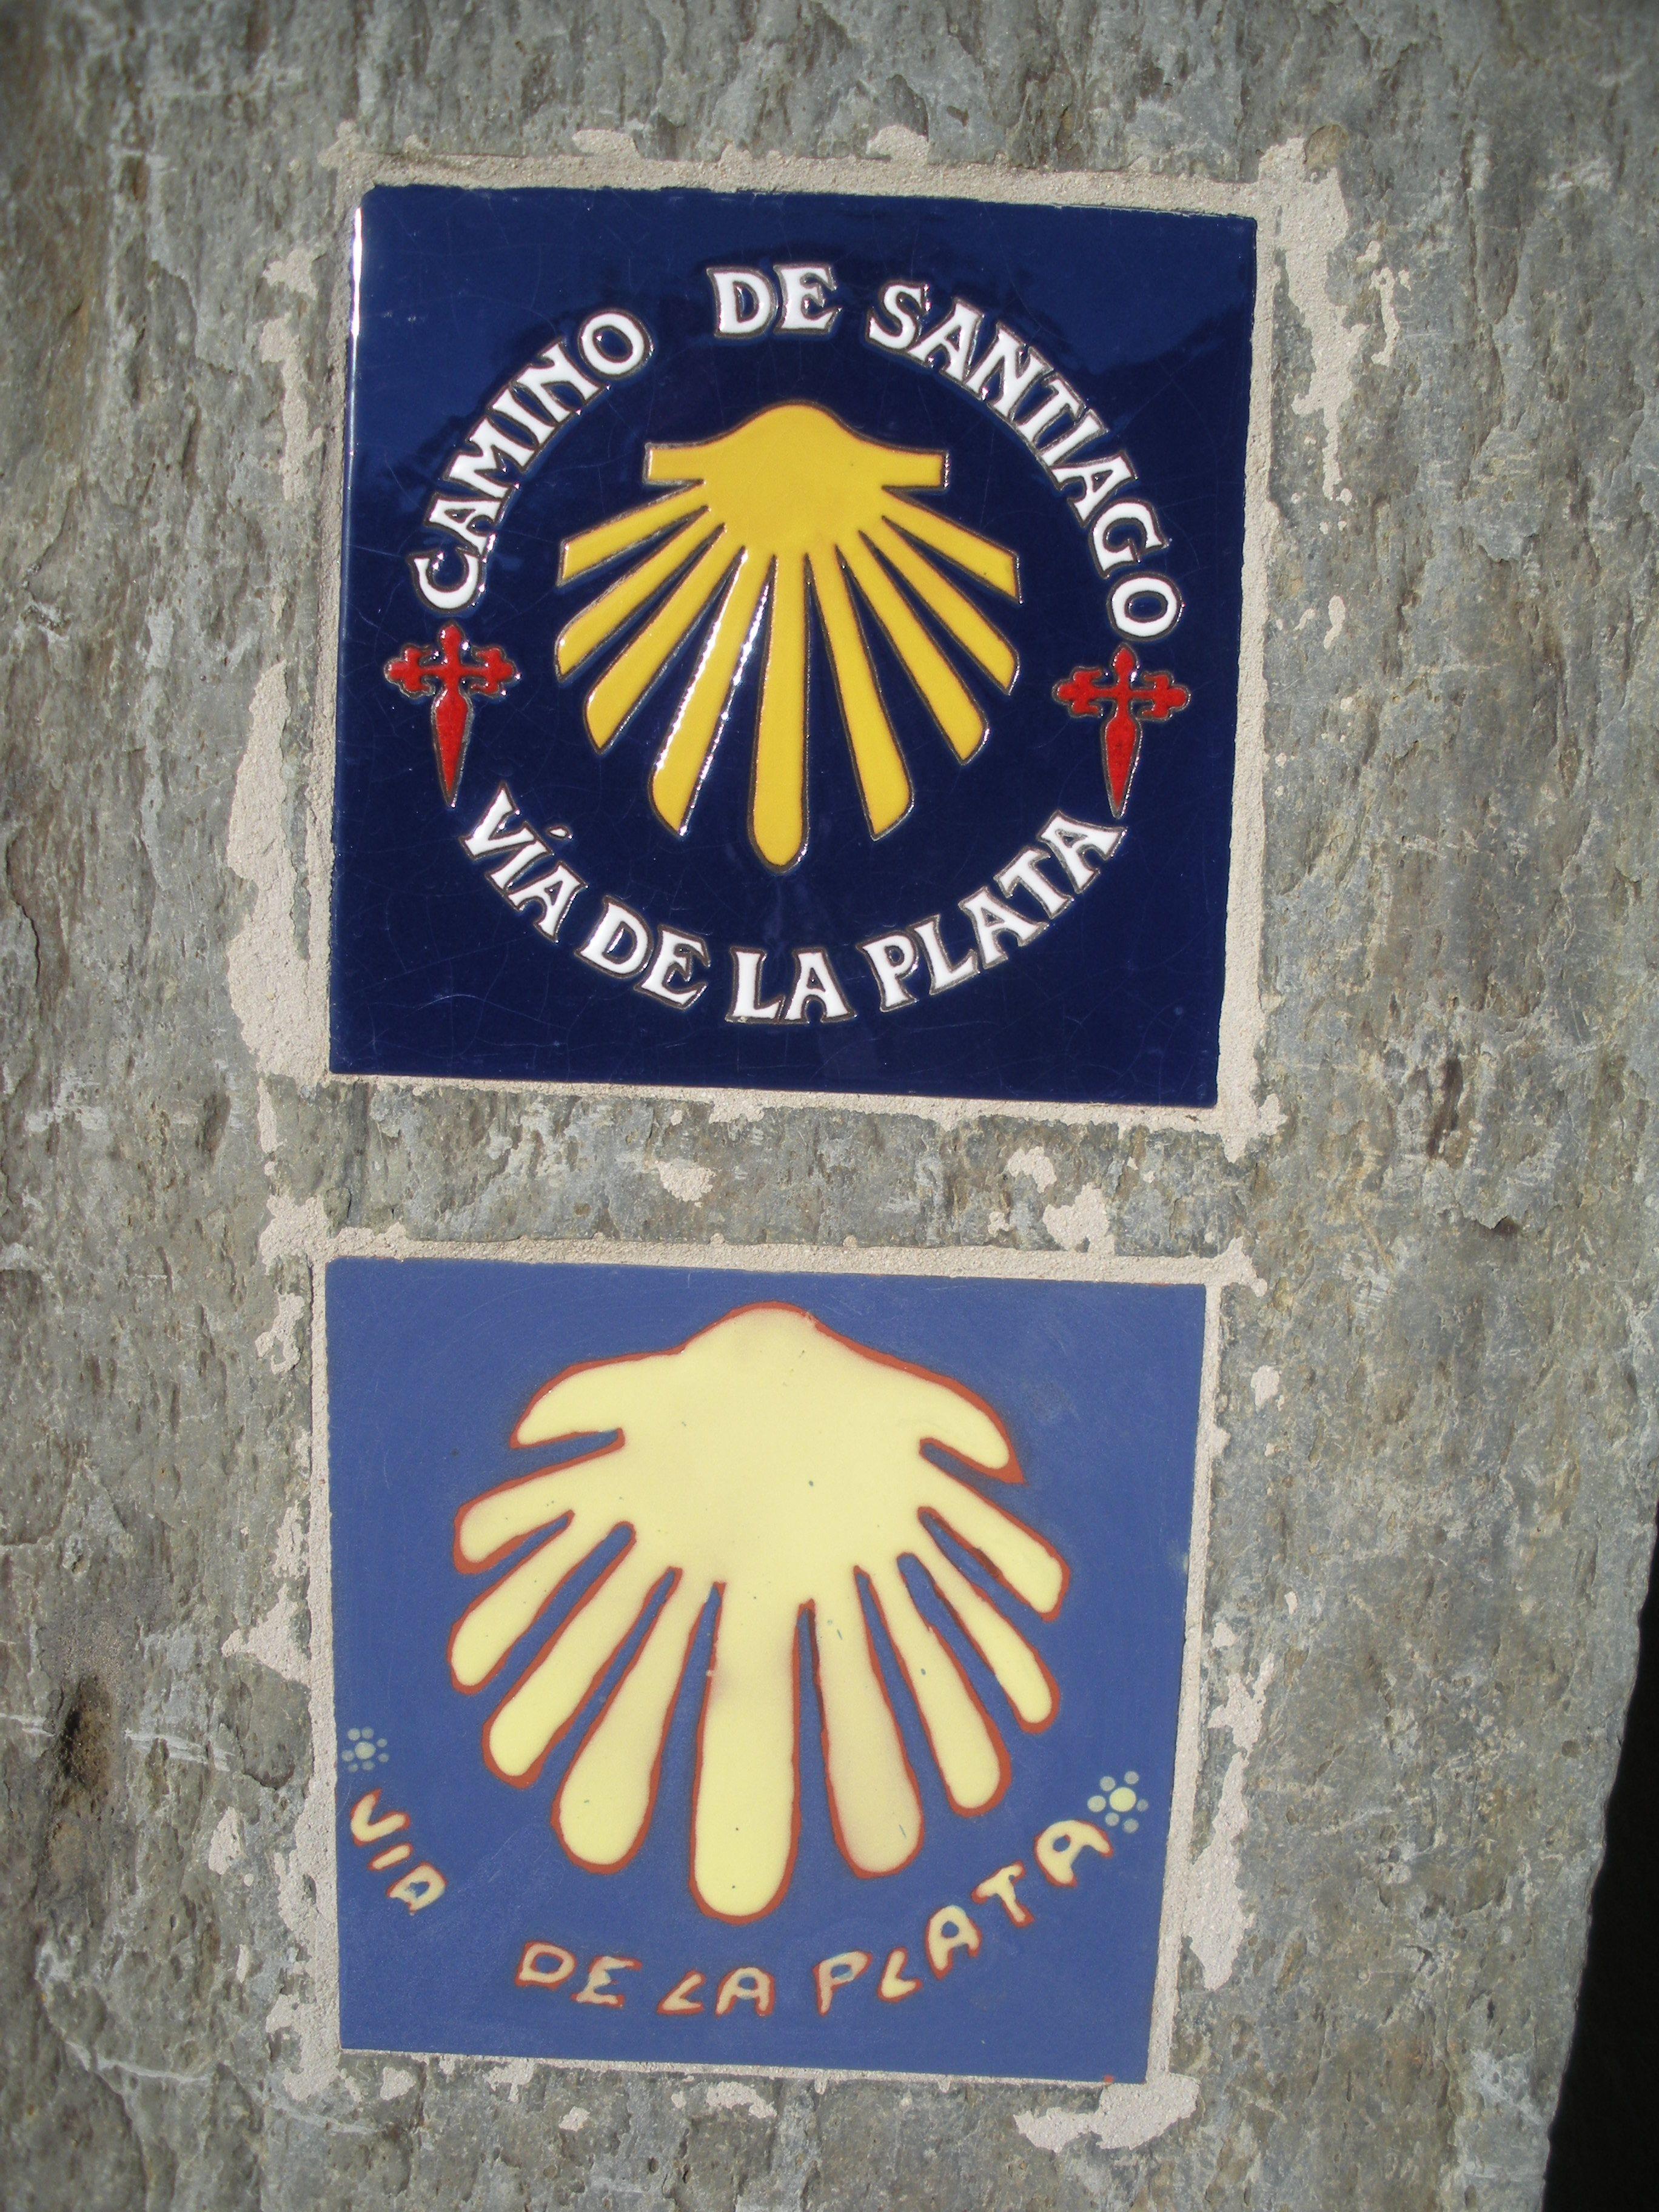 Señales Del Camino De Santiago En La Vía De La Plata Salamanca España